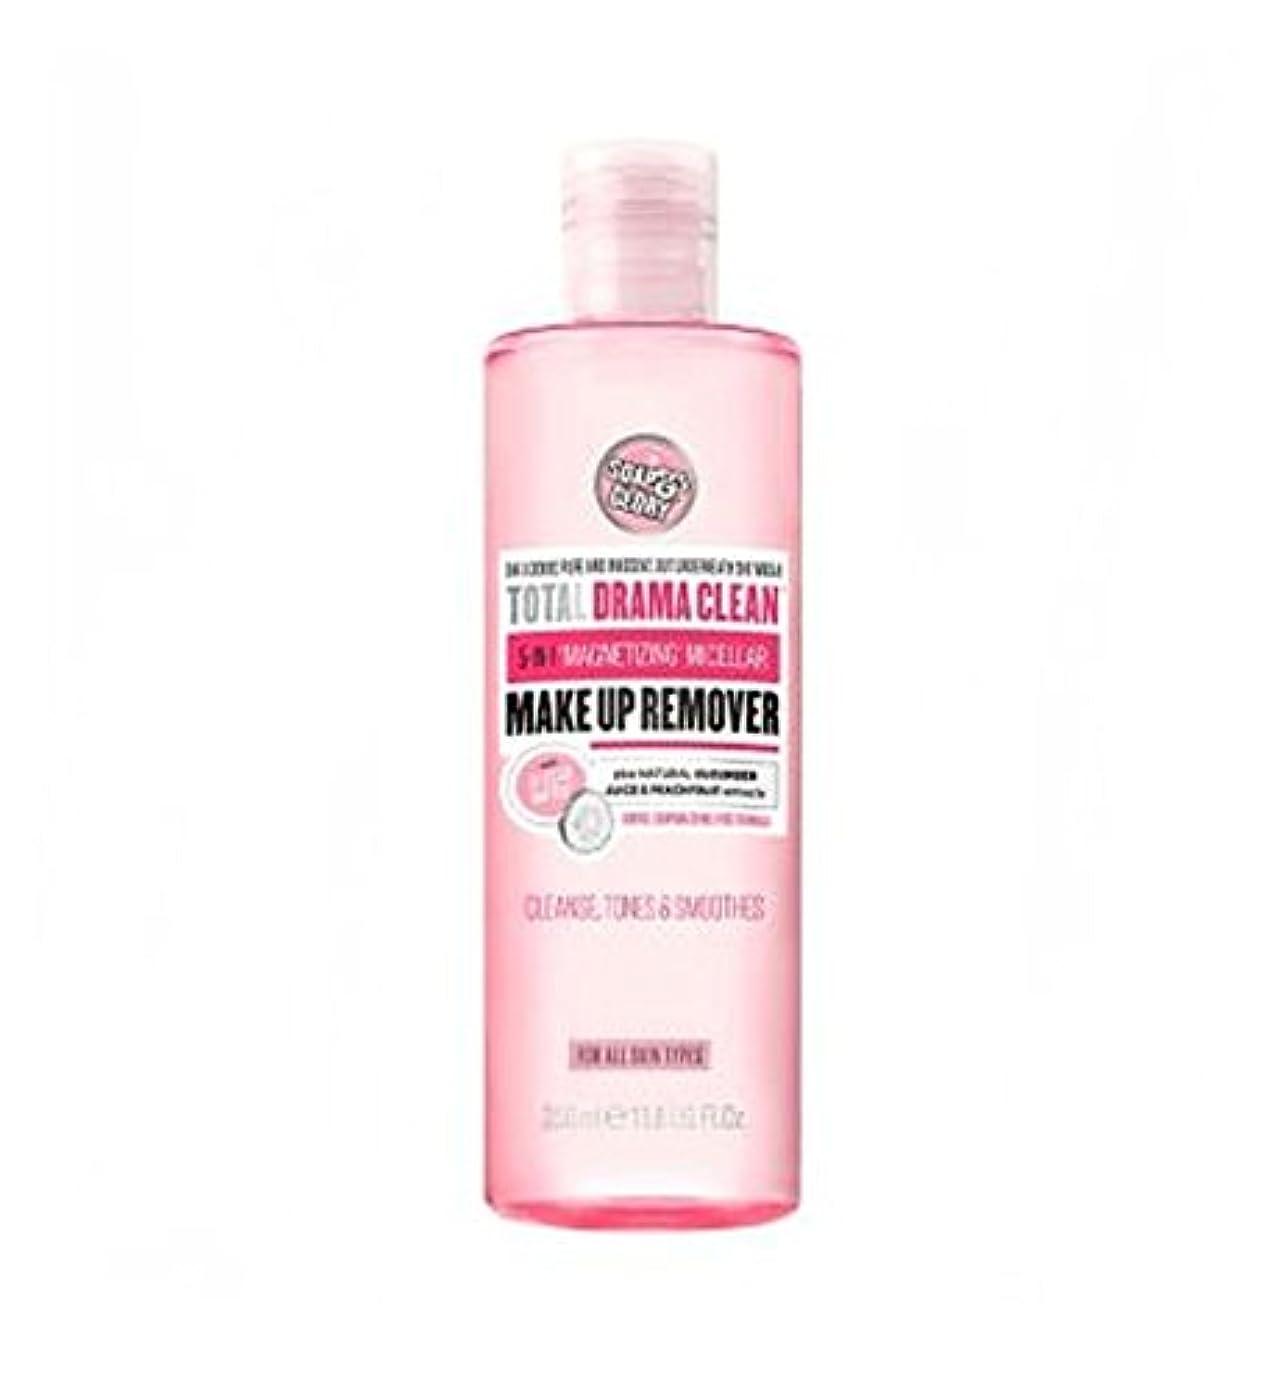 絶縁する累積炭素石鹸&栄光のドラマクリーン?5-In-1のミセル洗浄水350ミリリットル (Soap & Glory) (x2) - Soap & Glory DRAMA CLEAN? 5-in-1 Micellar Cleansing...